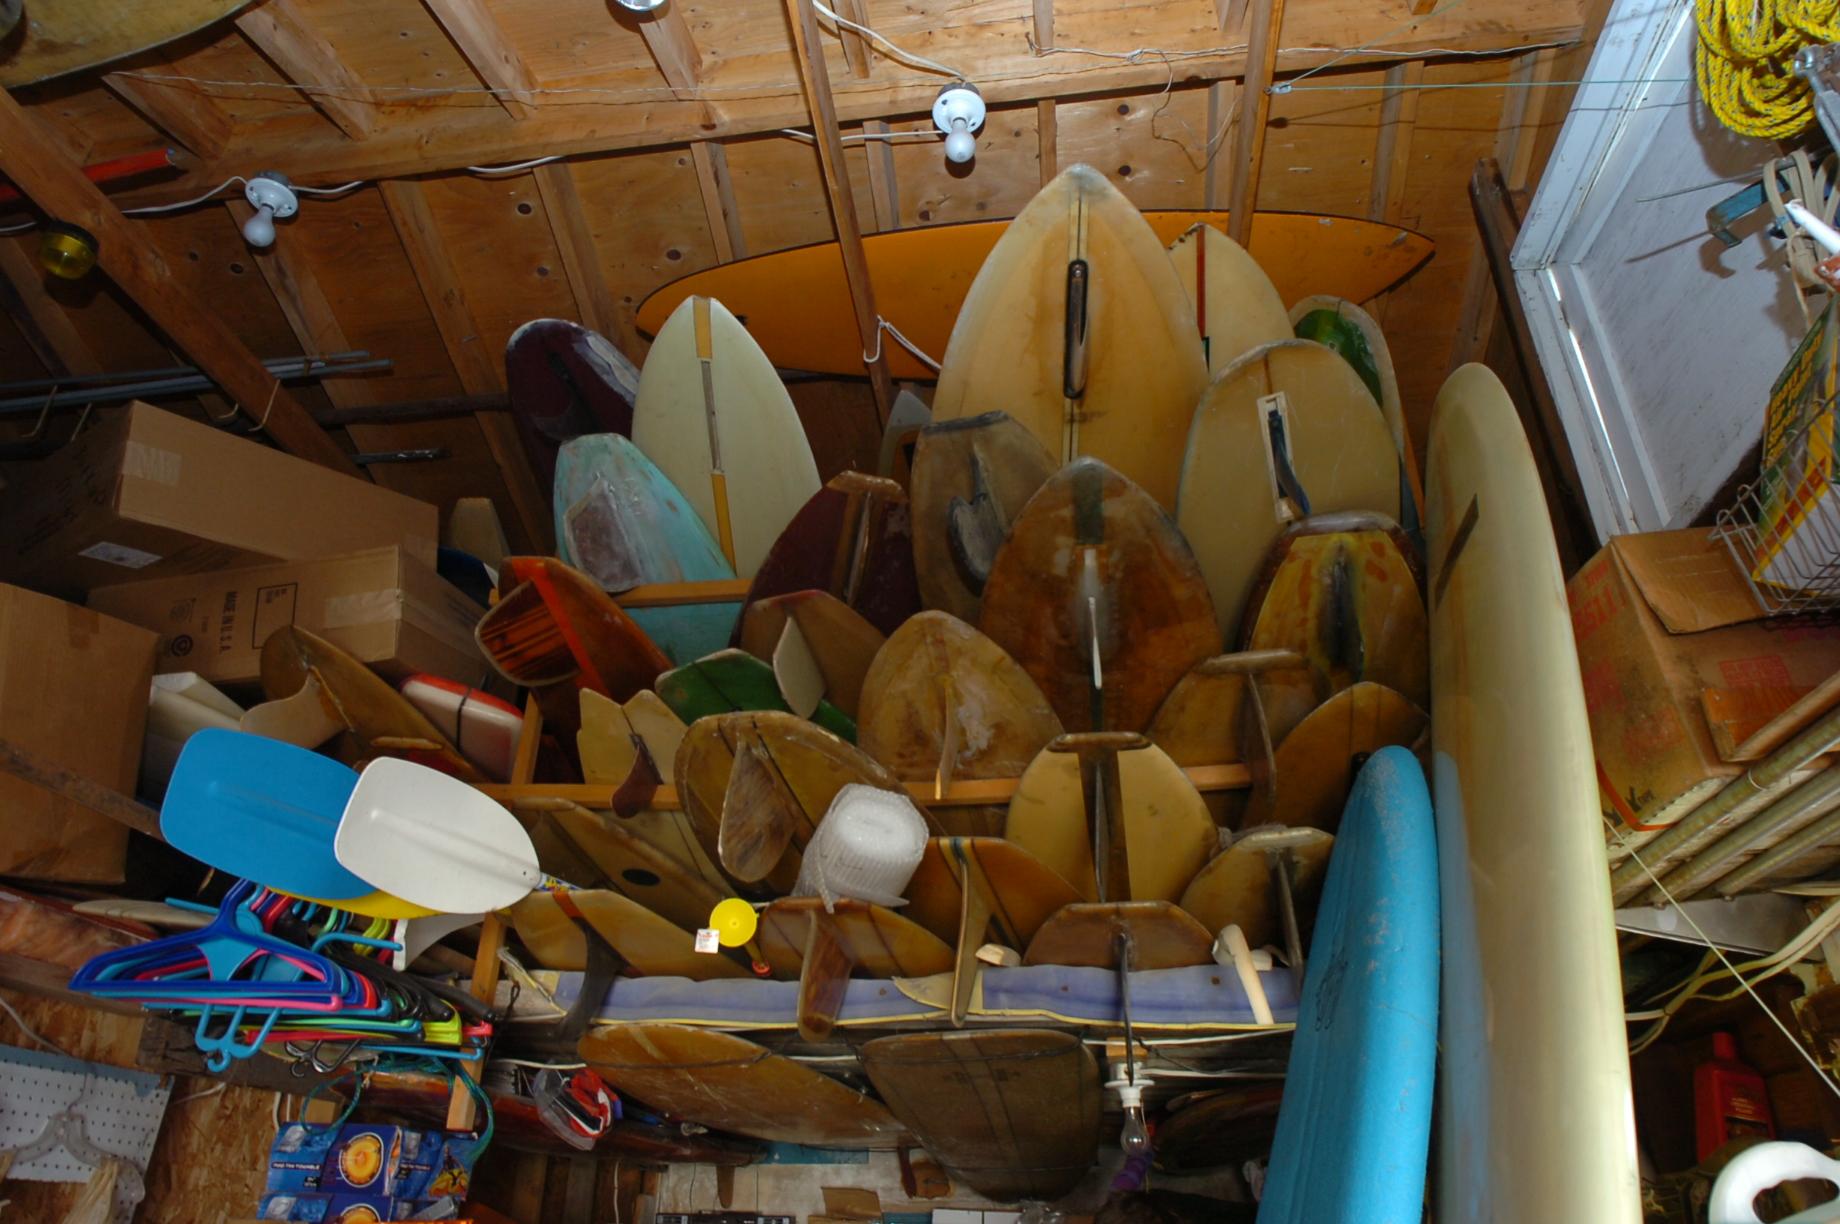 Michael-Lisiewski-Vintage-Surfboards-II